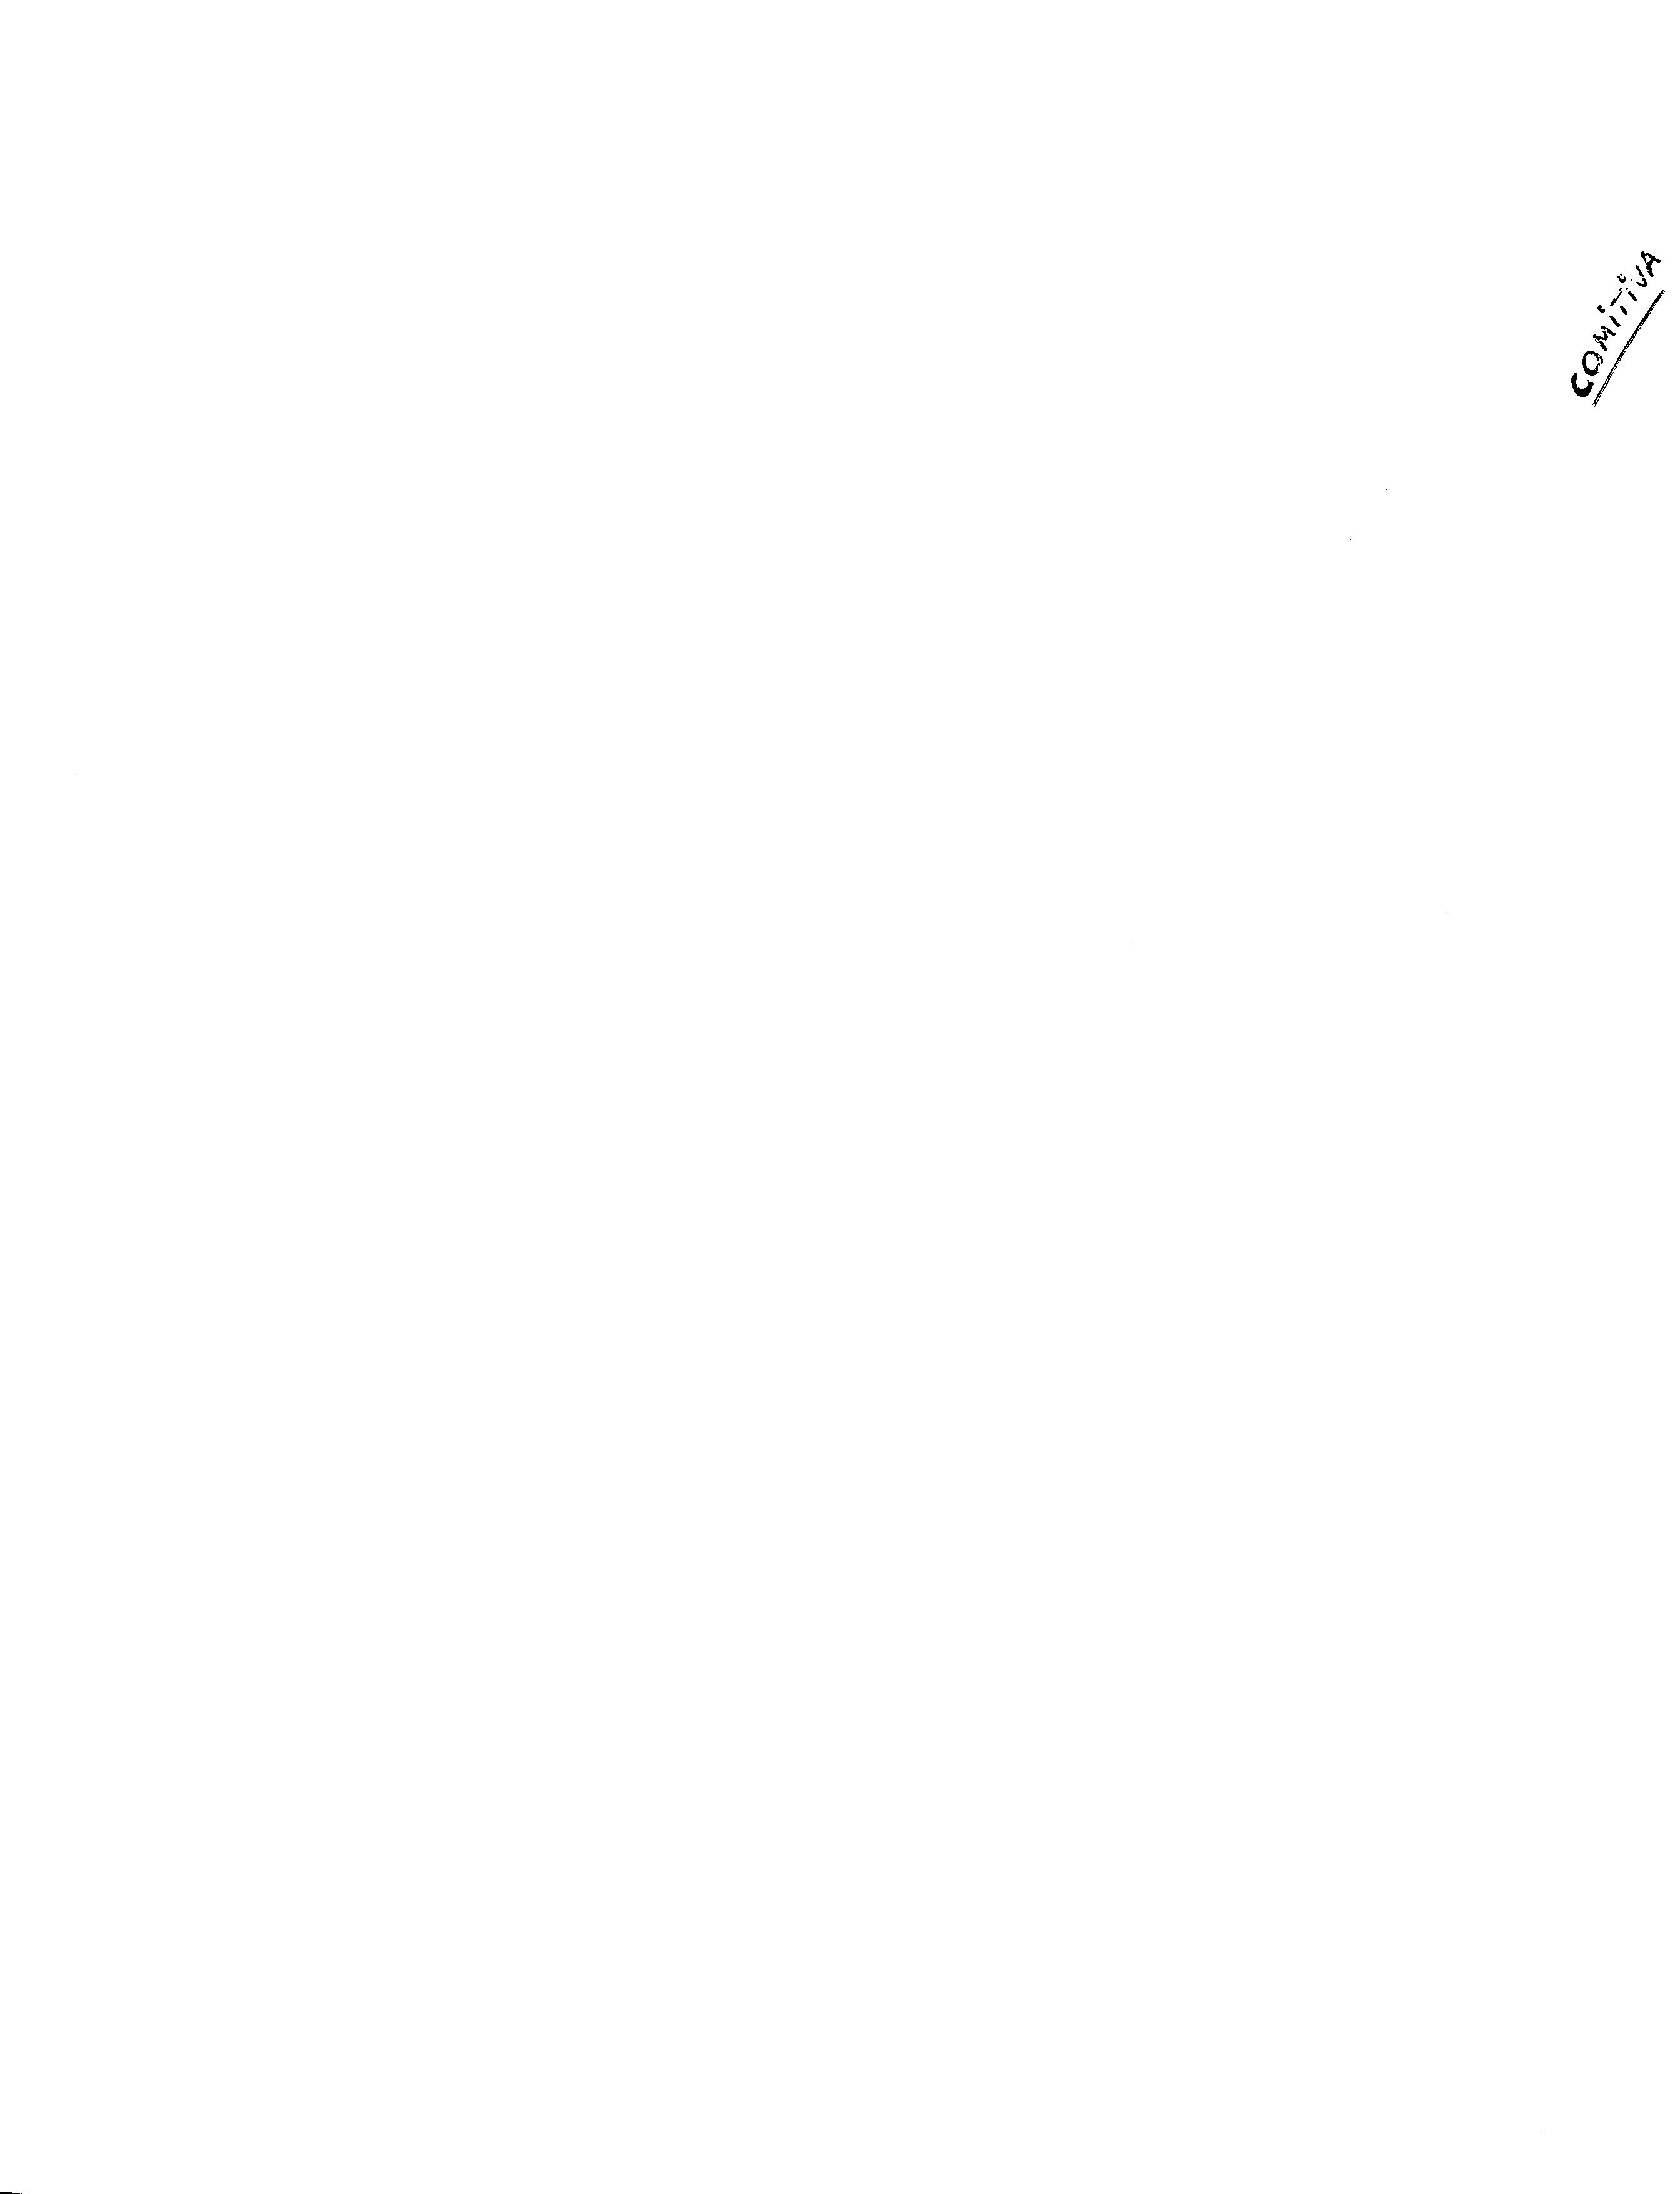 01399.002- pag.1